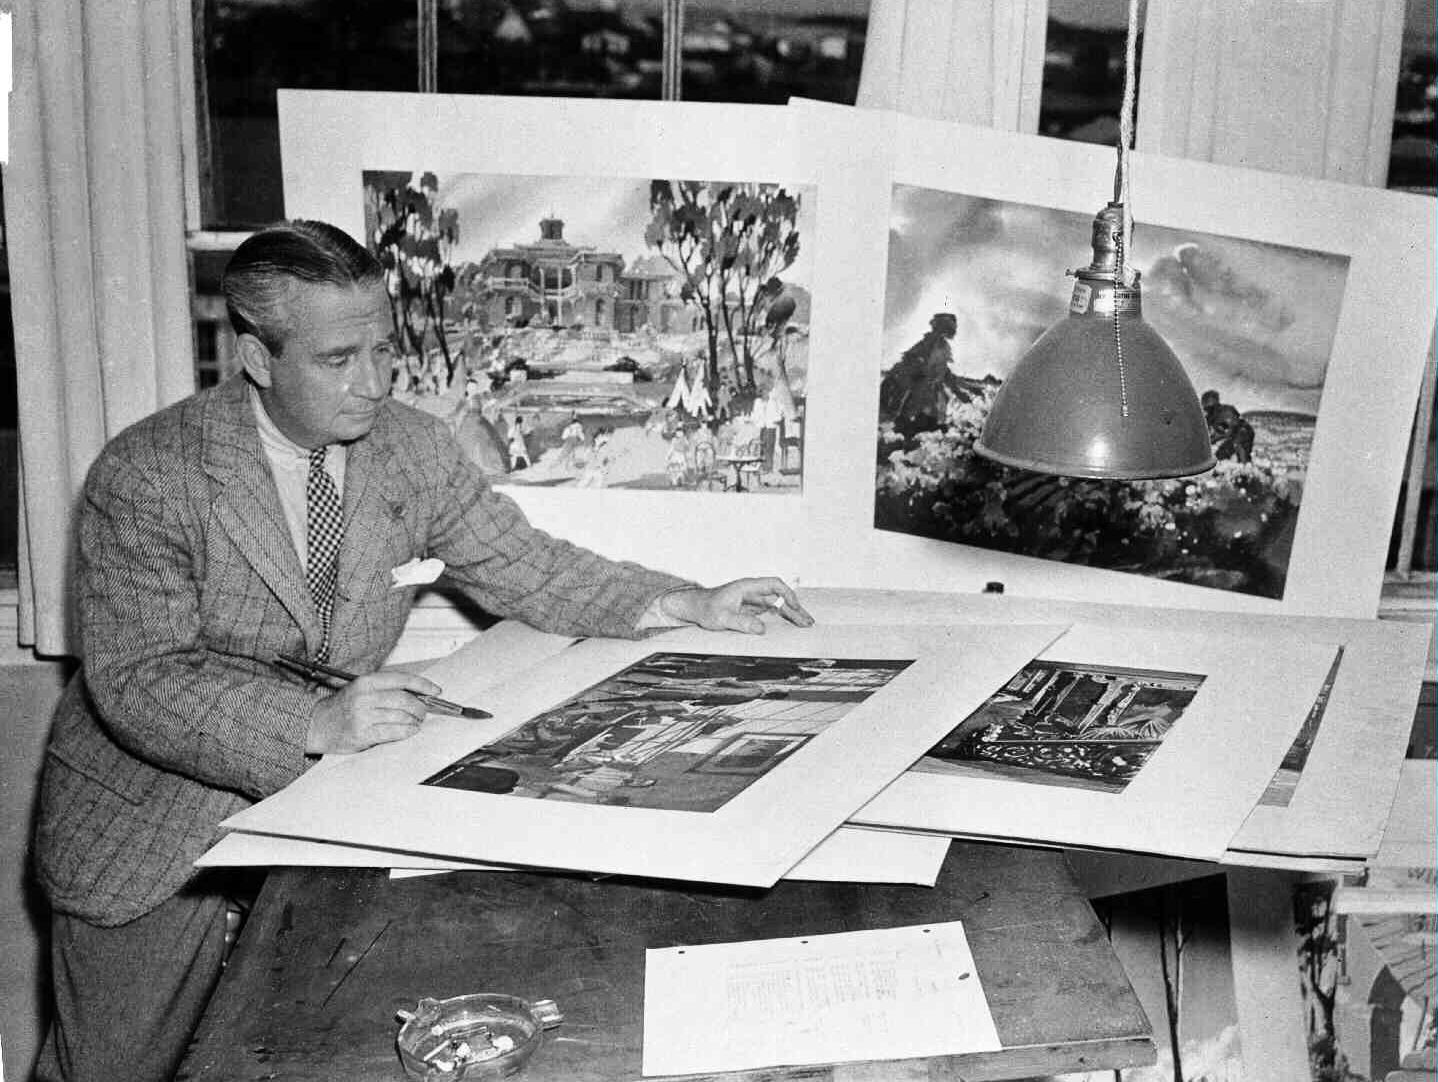 Production Designer William Cameron Menzies in 1939.